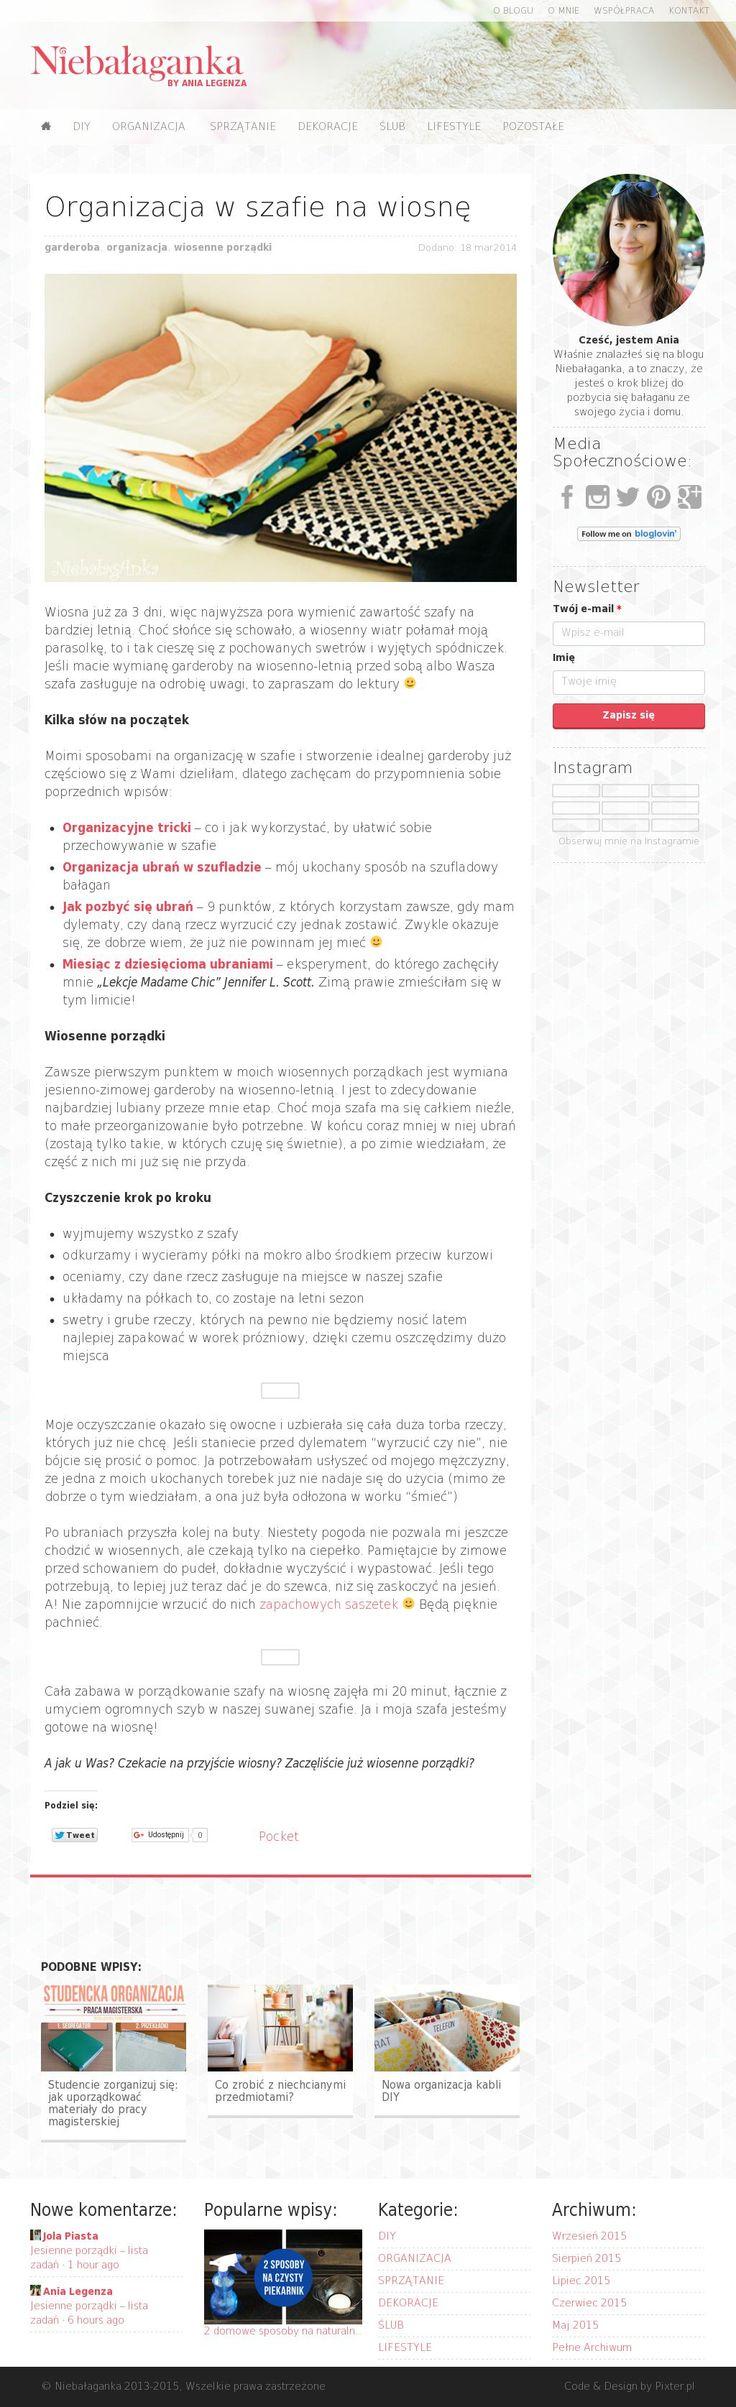 The website 'http://niebalaganka.pl/organizacja-w-szafie-na-wiosne/' courtesy of @Pinstamatic (http://pinstamatic.com)